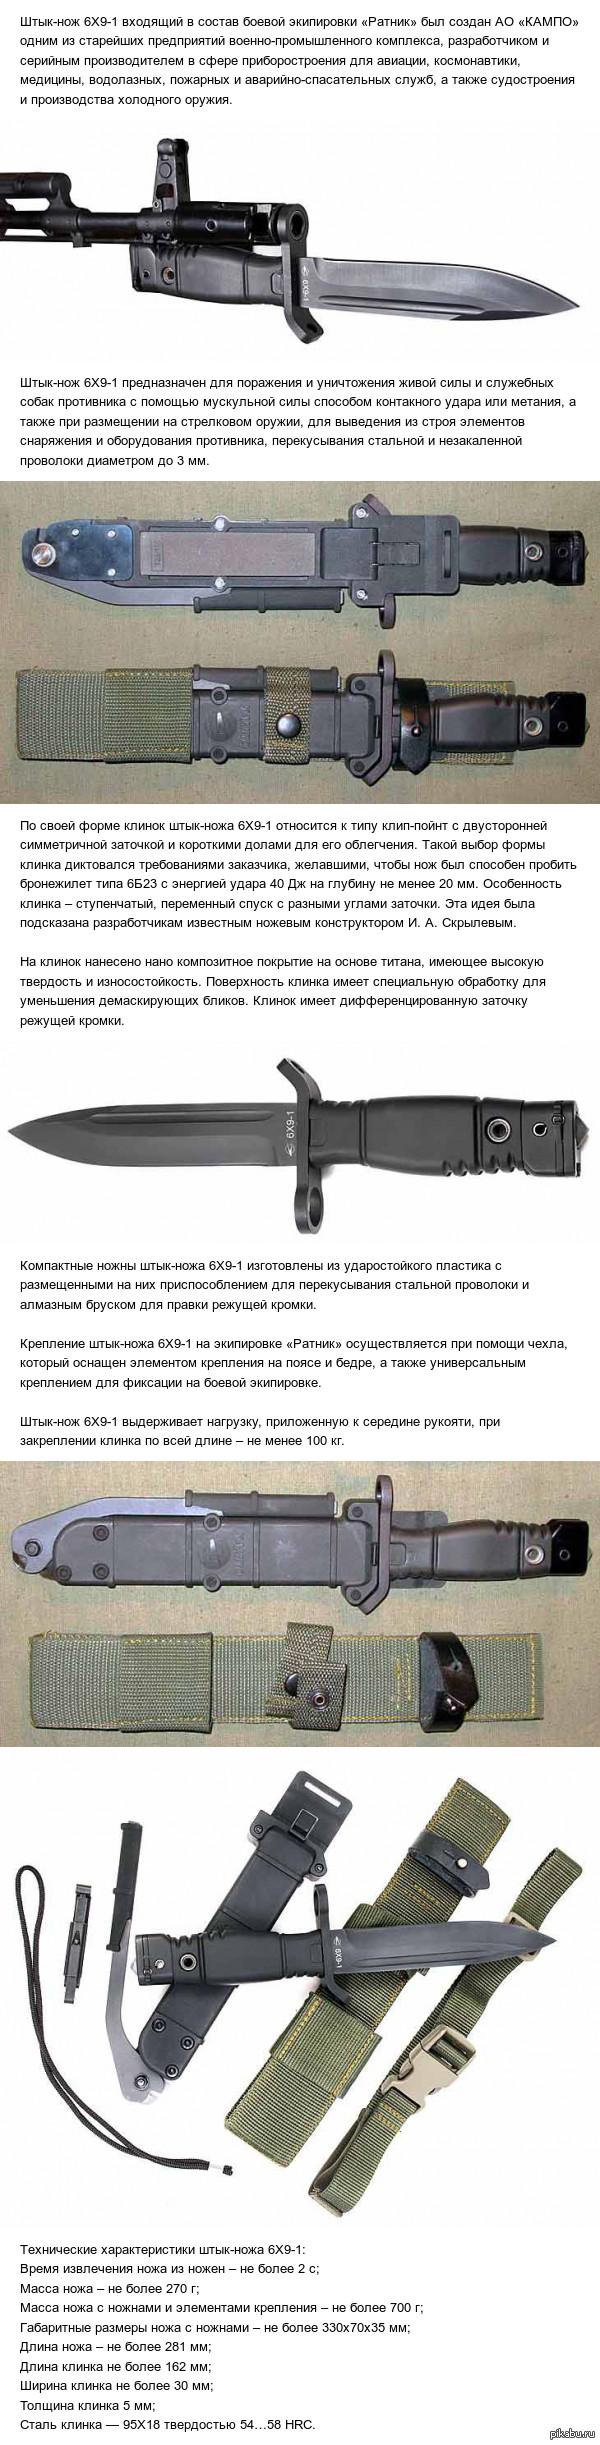 кс, сколько функций у военного штык ножа государственное